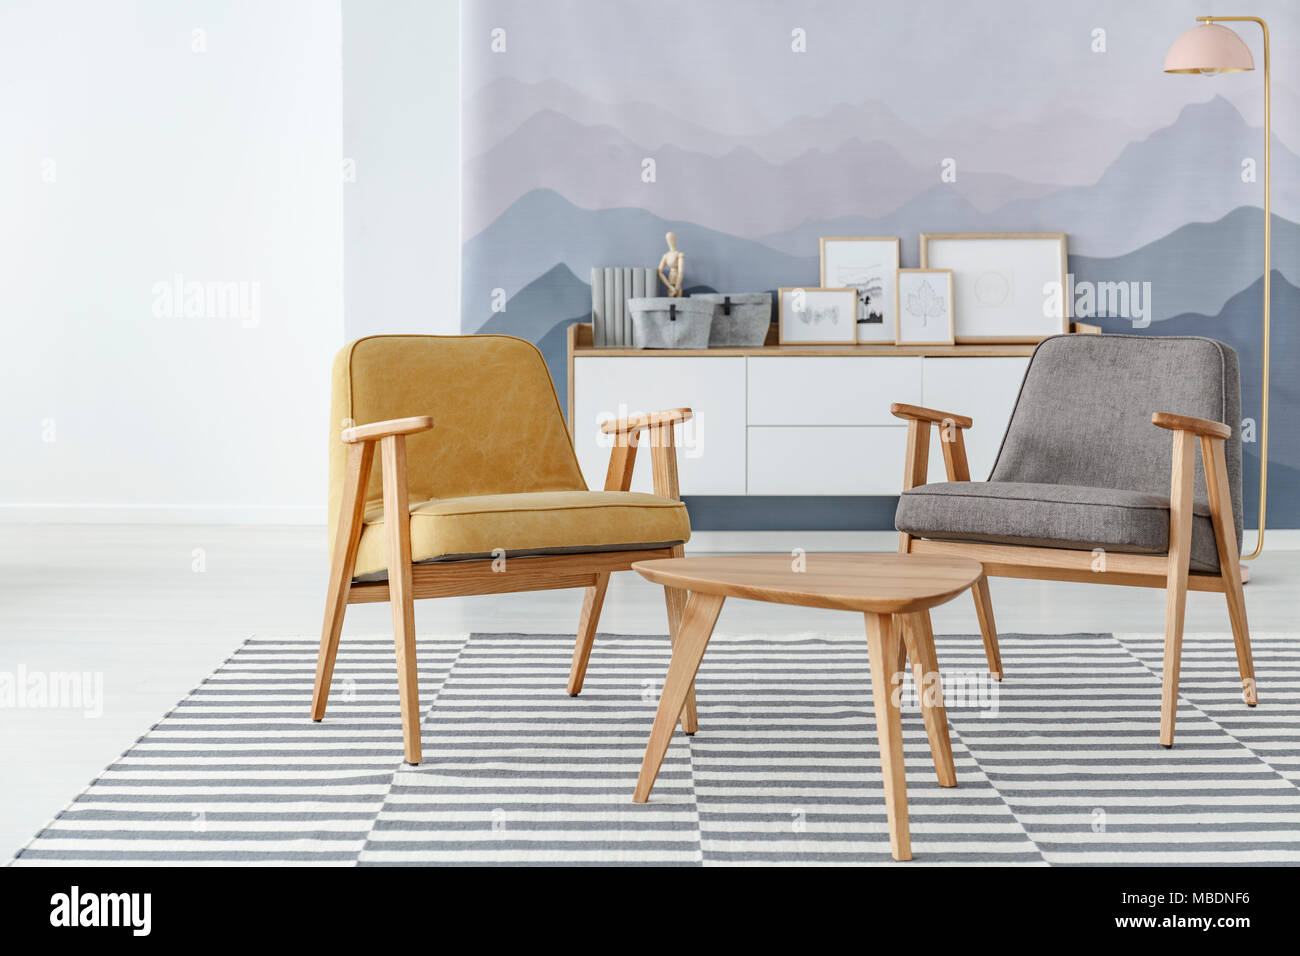 Gelb Und Grau Sessel Neben Einem Holztisch Auf Gestreiften Teppich Im  Gemütlichen Wohnzimmer Innenraum